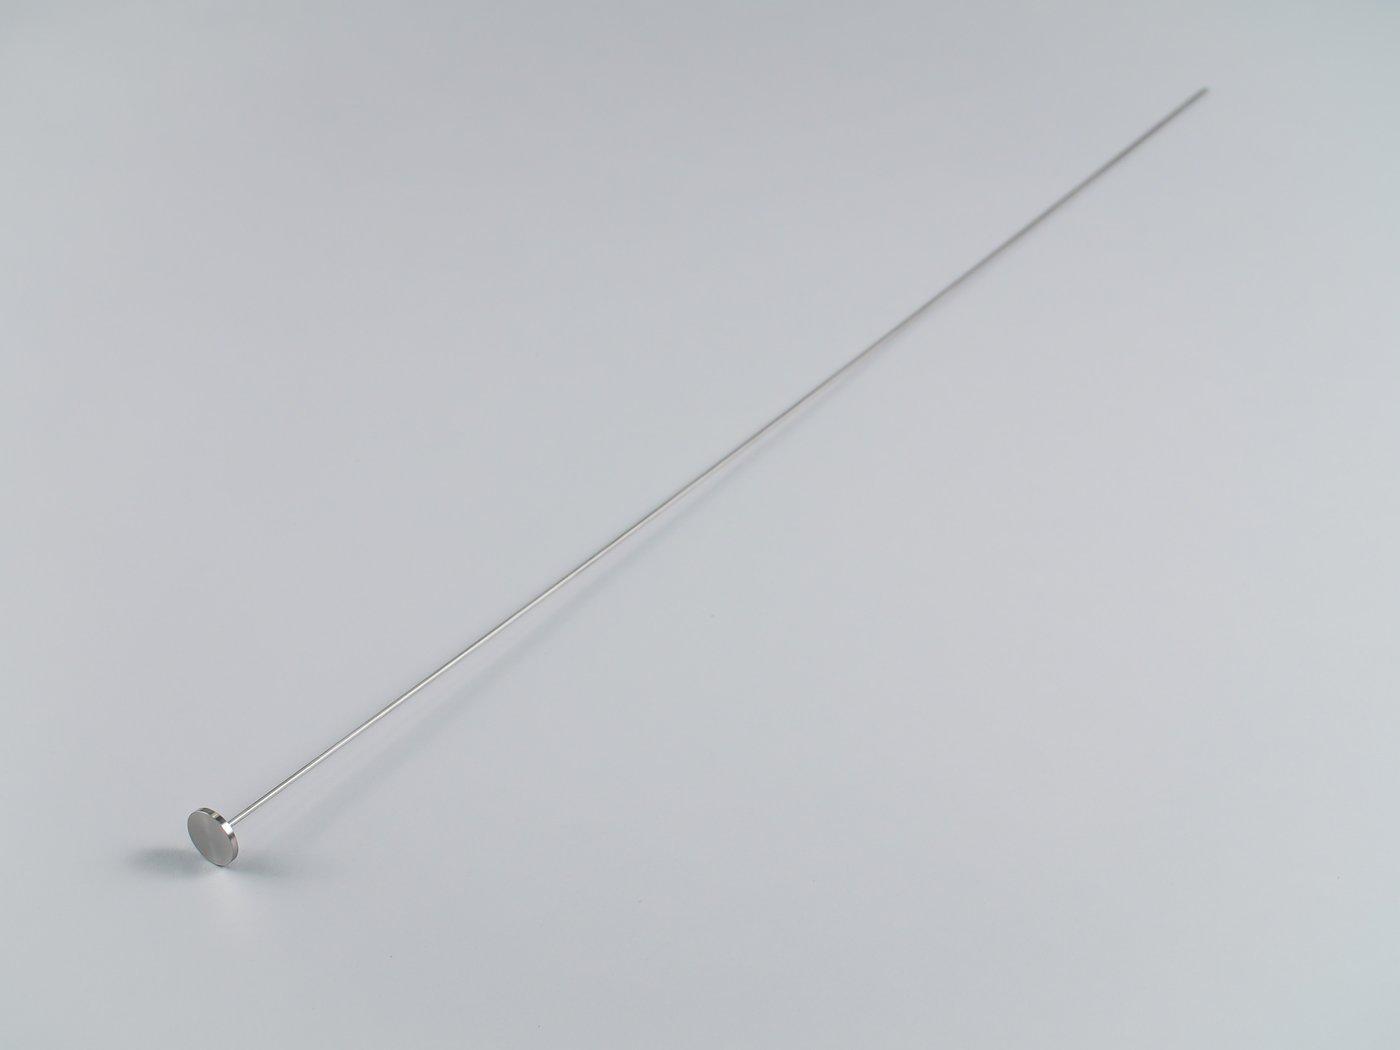 40031 stylet 25 inch lang voor vortech 18fr en groter e24a